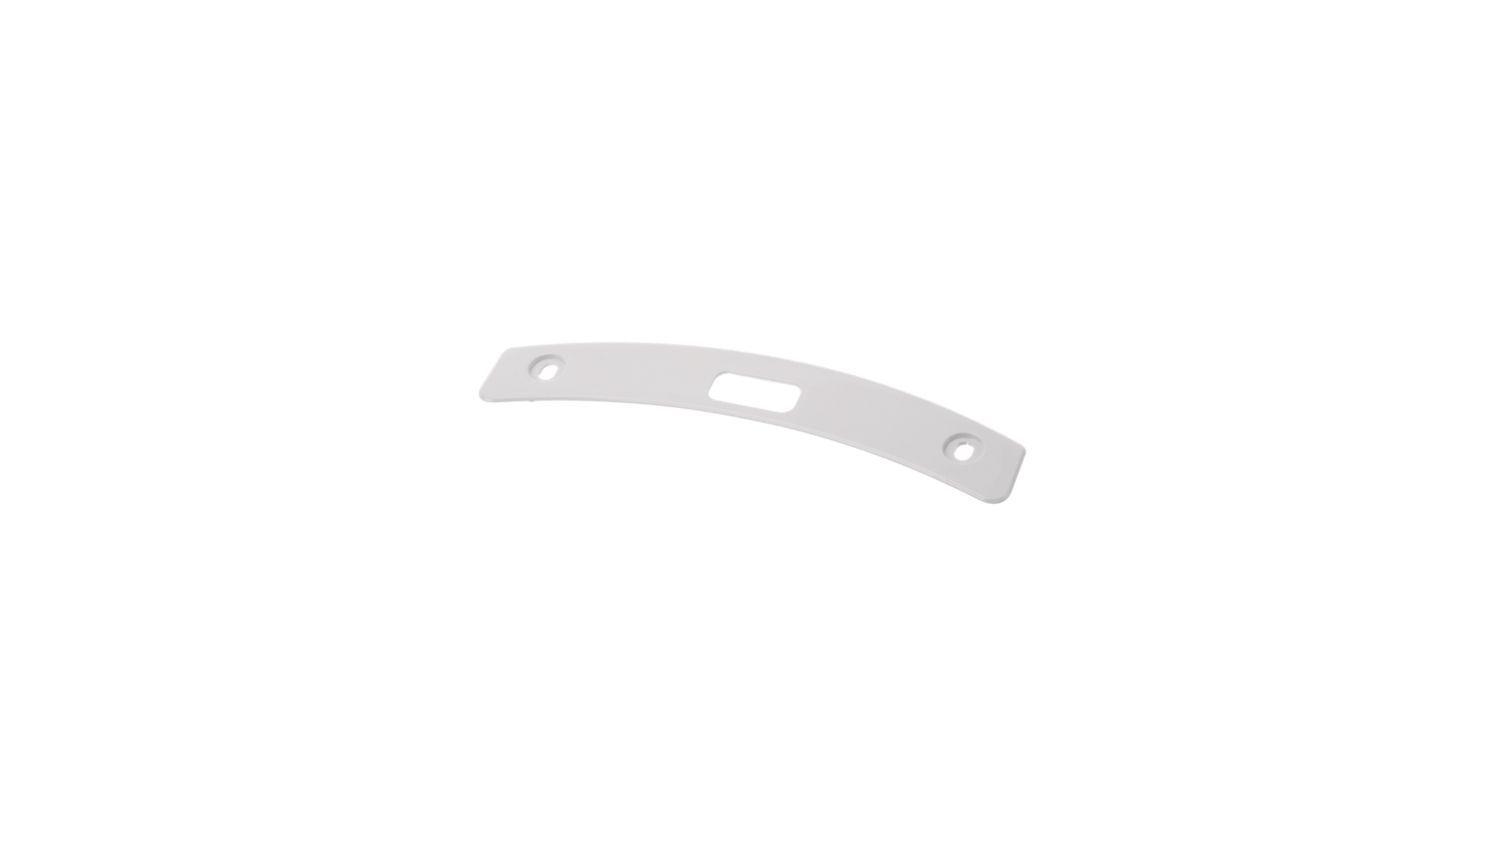 Krytka zámku dveří, bílá do sušičky Bosch - 10001811 BSH